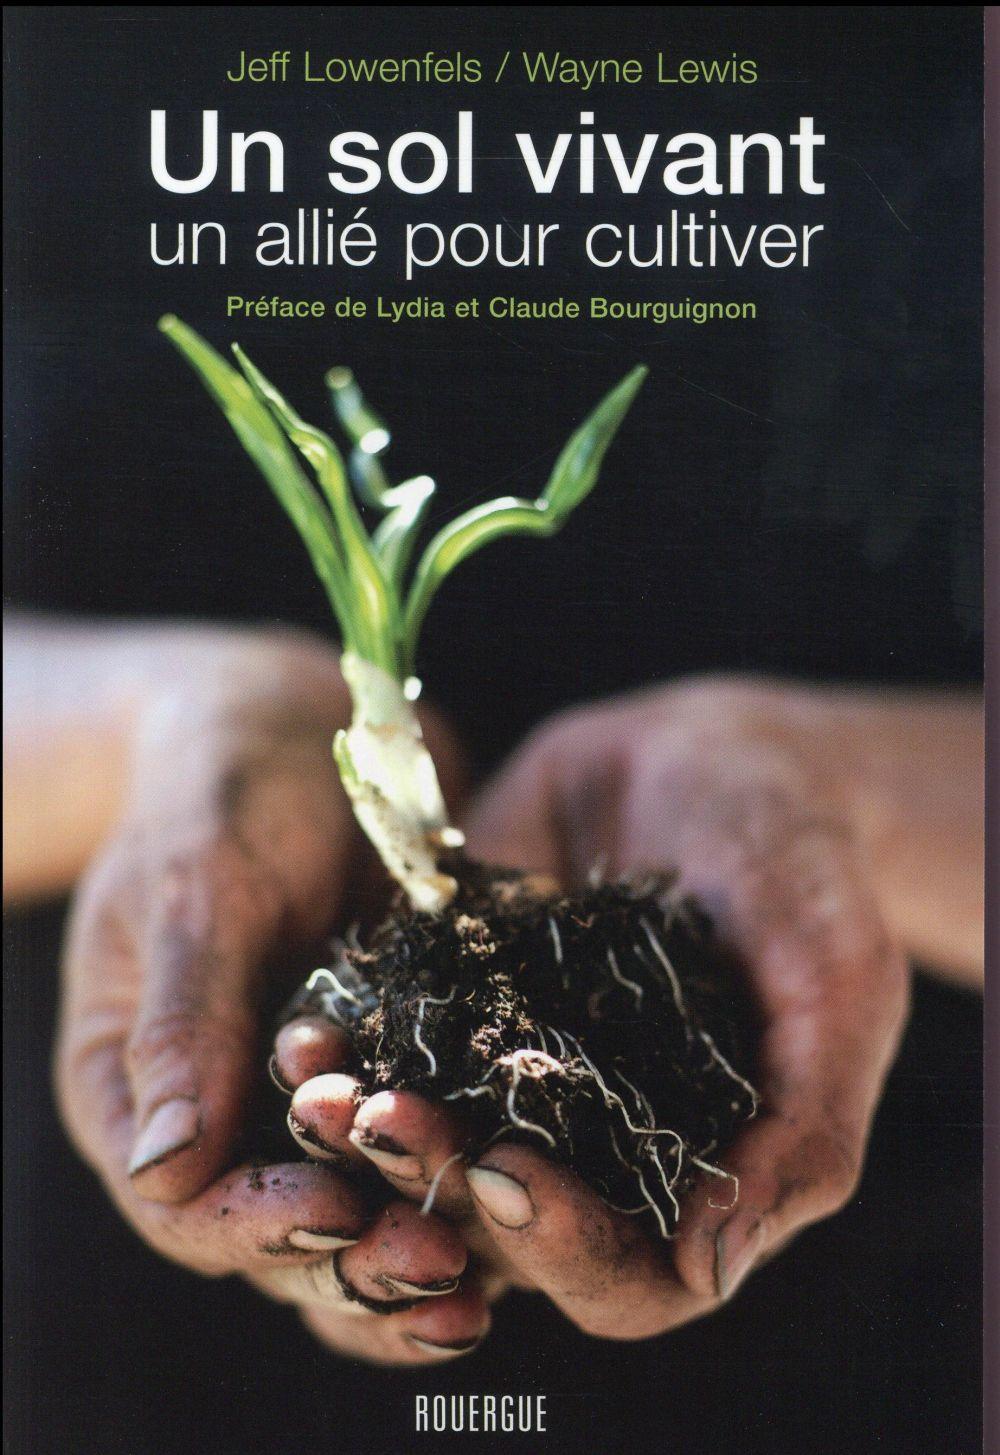 un sol vivant, un allié pour cultiver